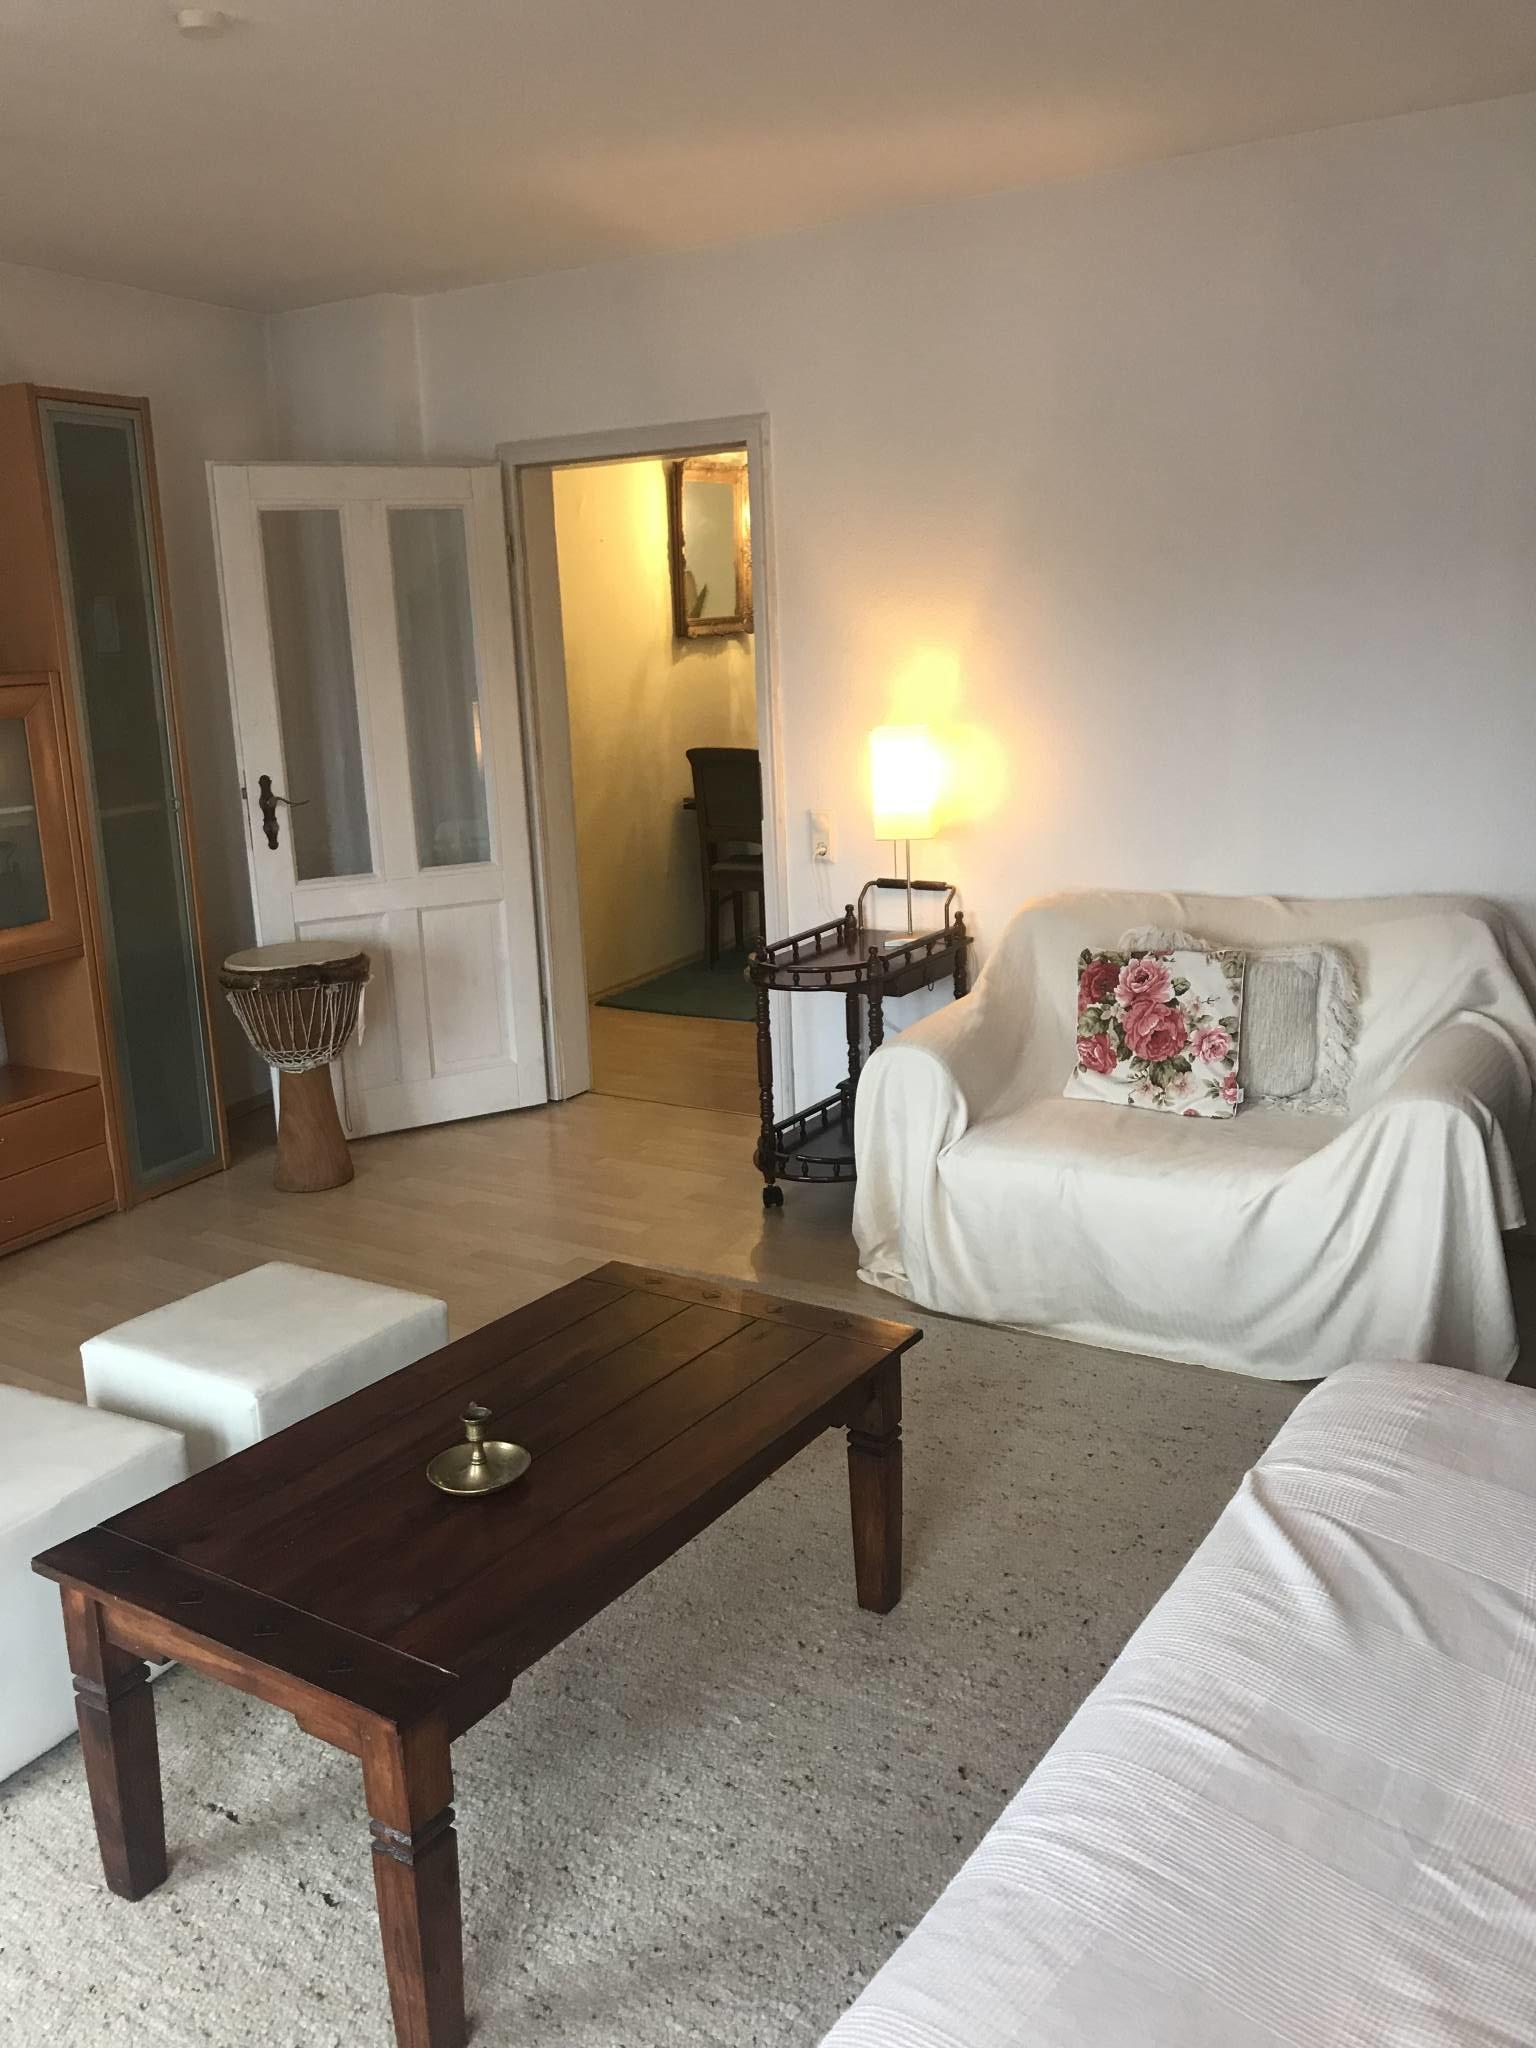 Wohnzimmer mit Schlafcouch 2m x 1,60m